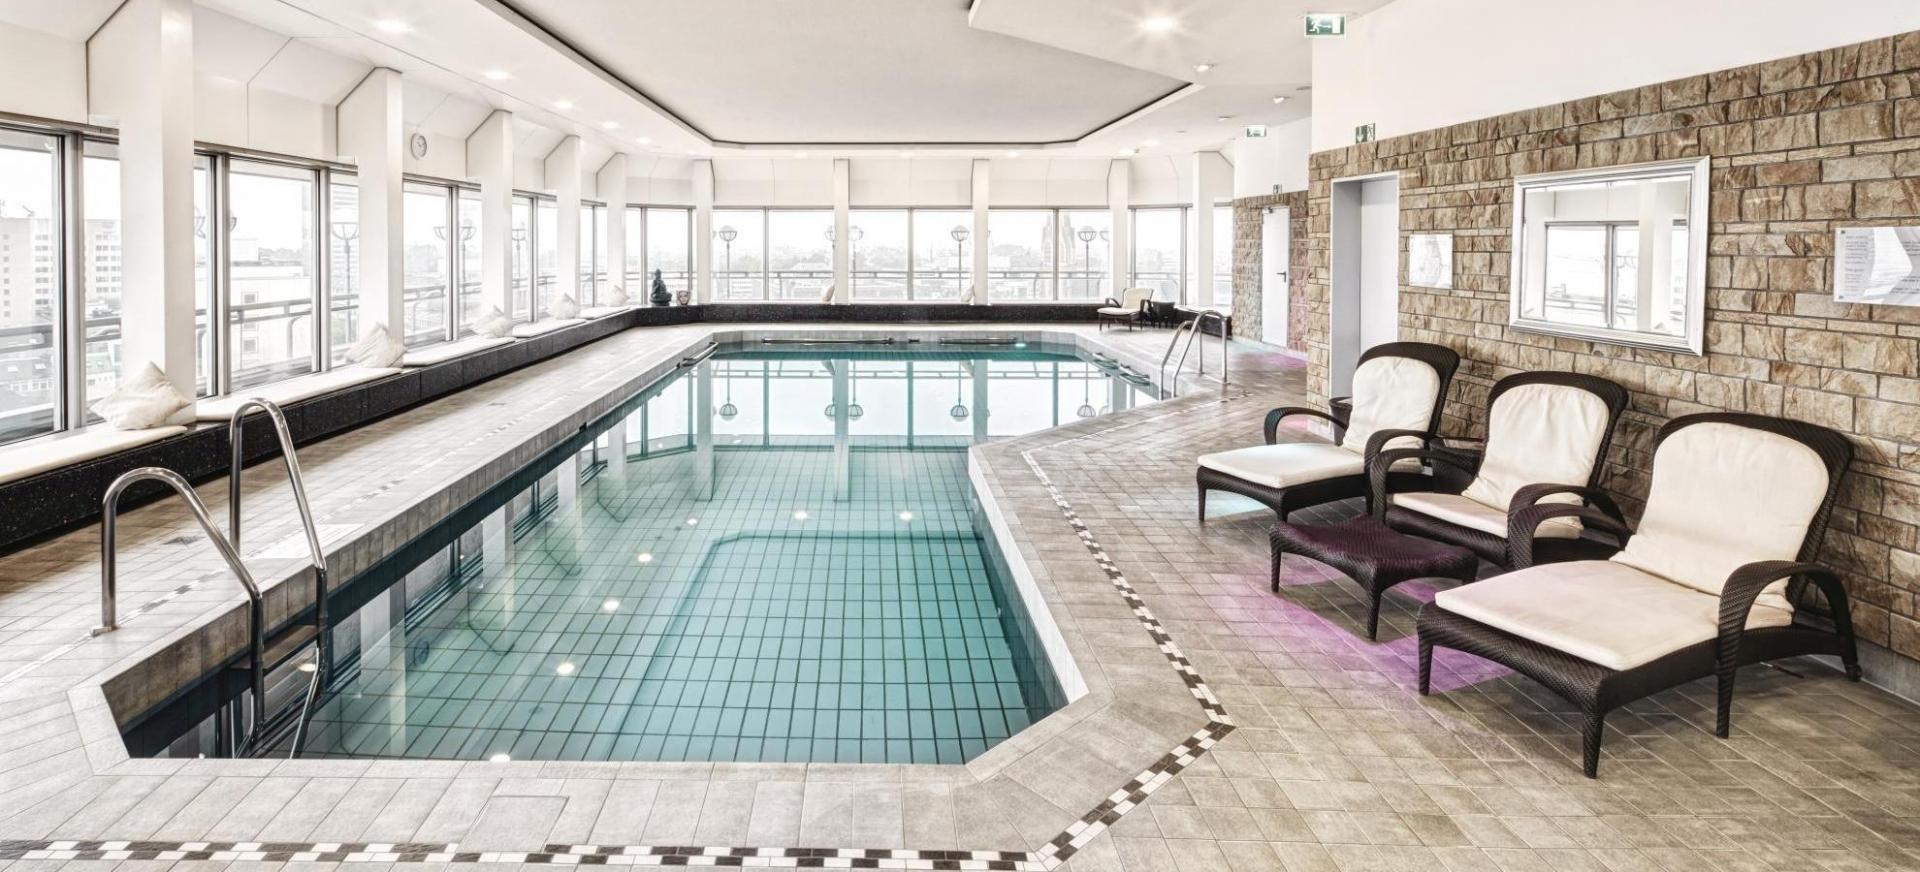 fkk hamburg hotel med spa på værelset københavn